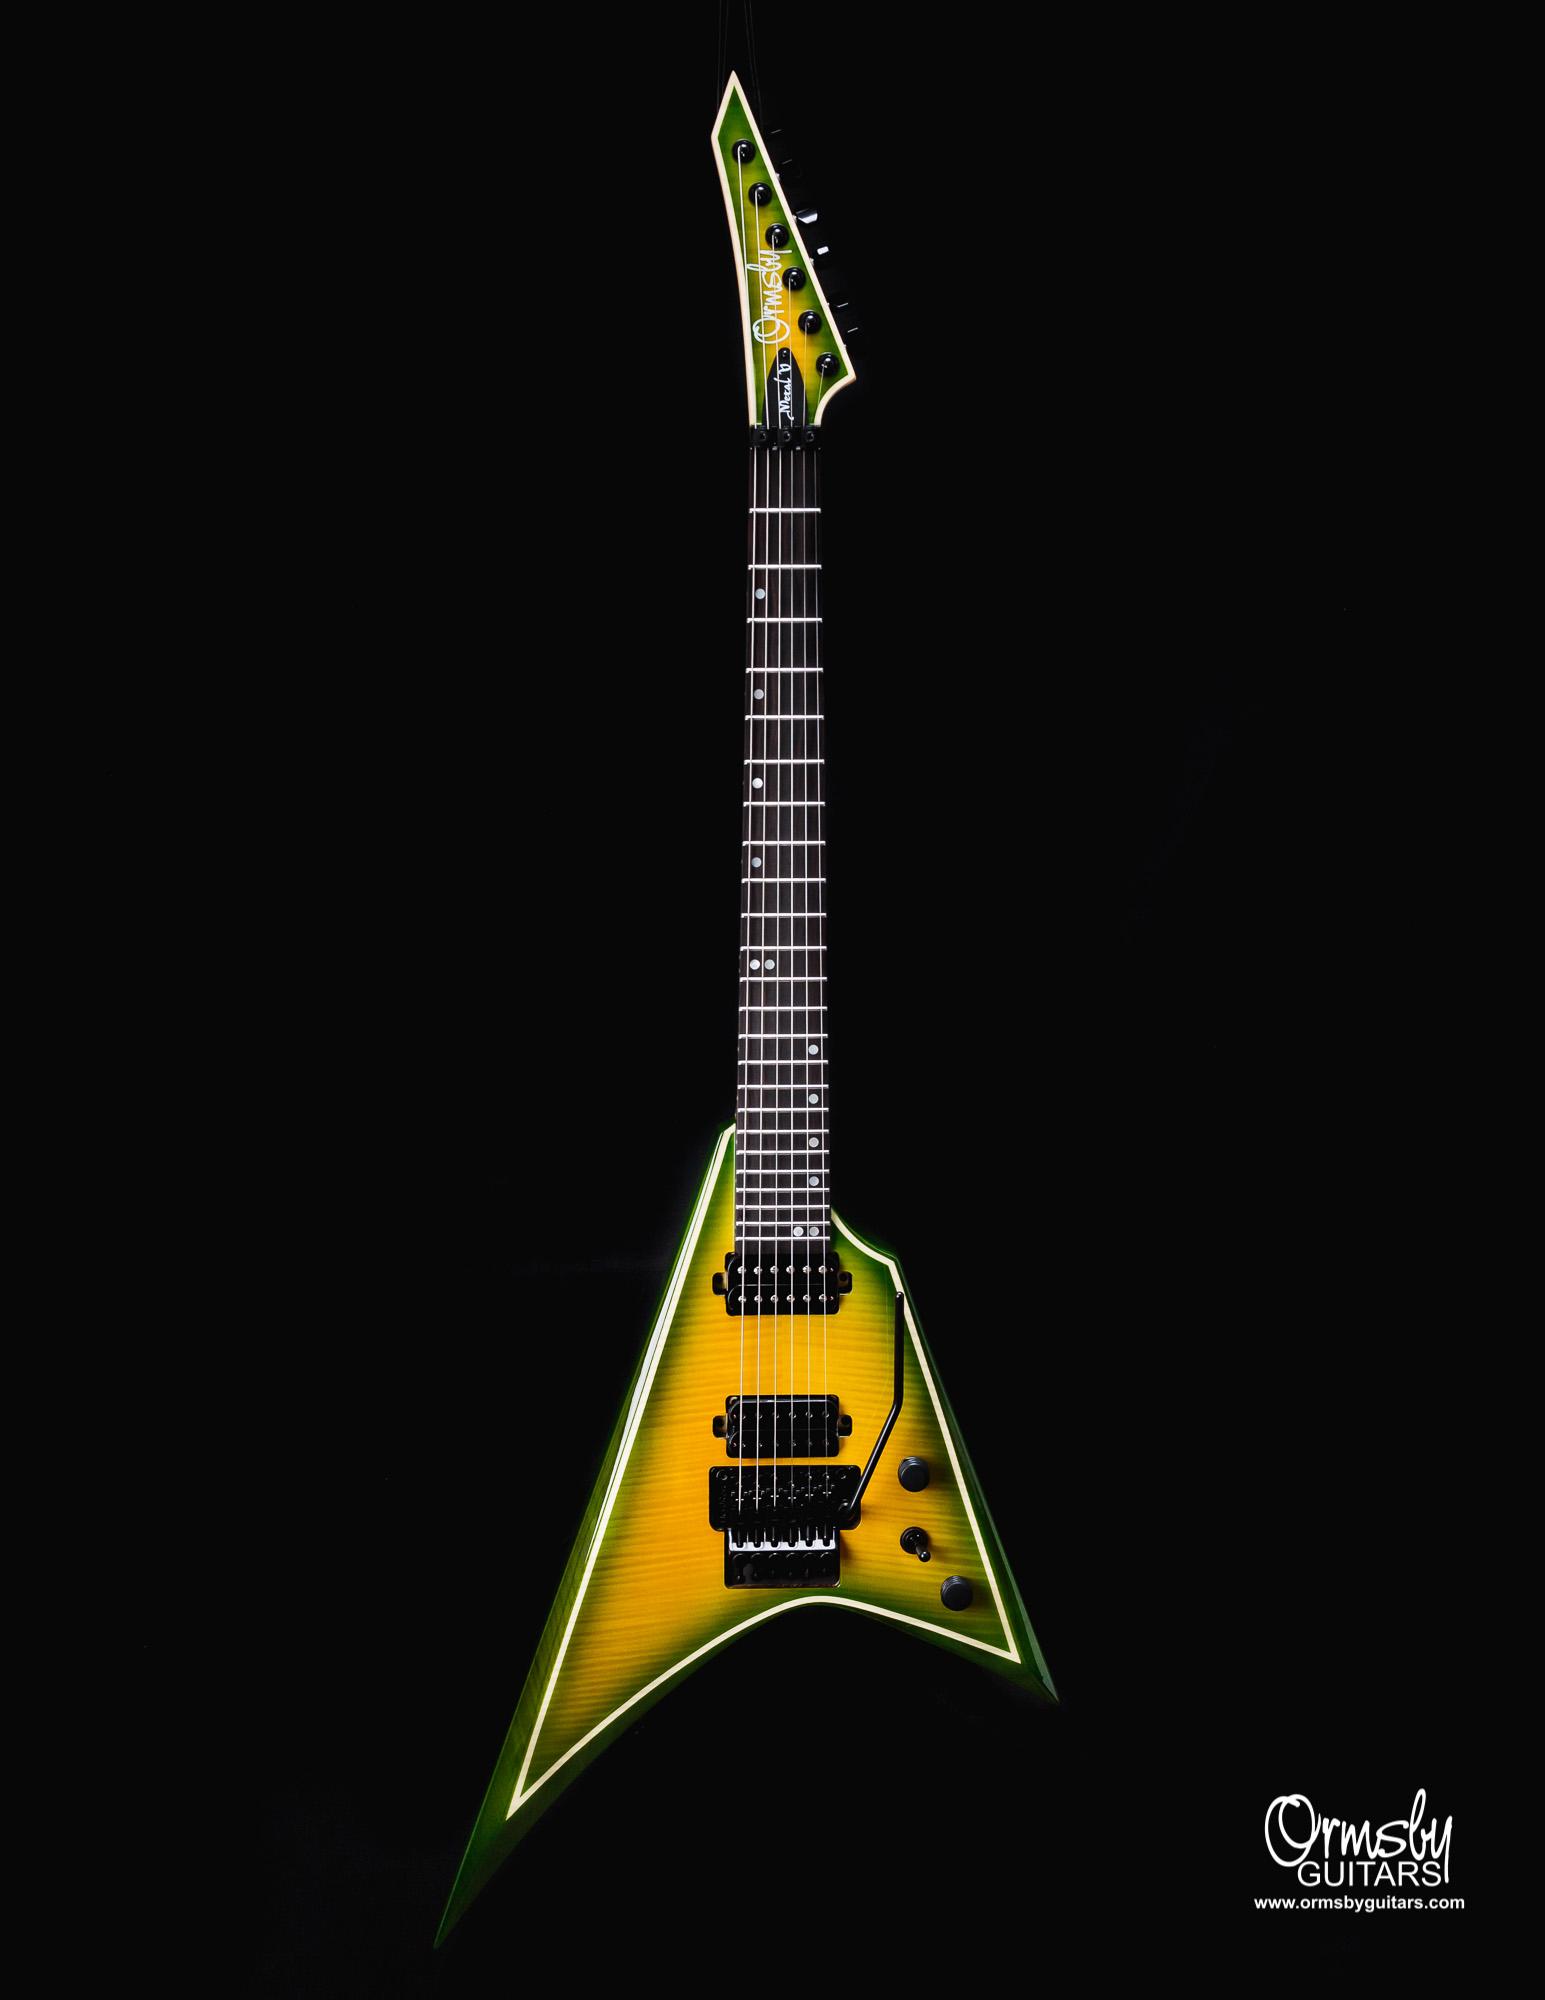 Ormsby Guitars Run 11 metal V